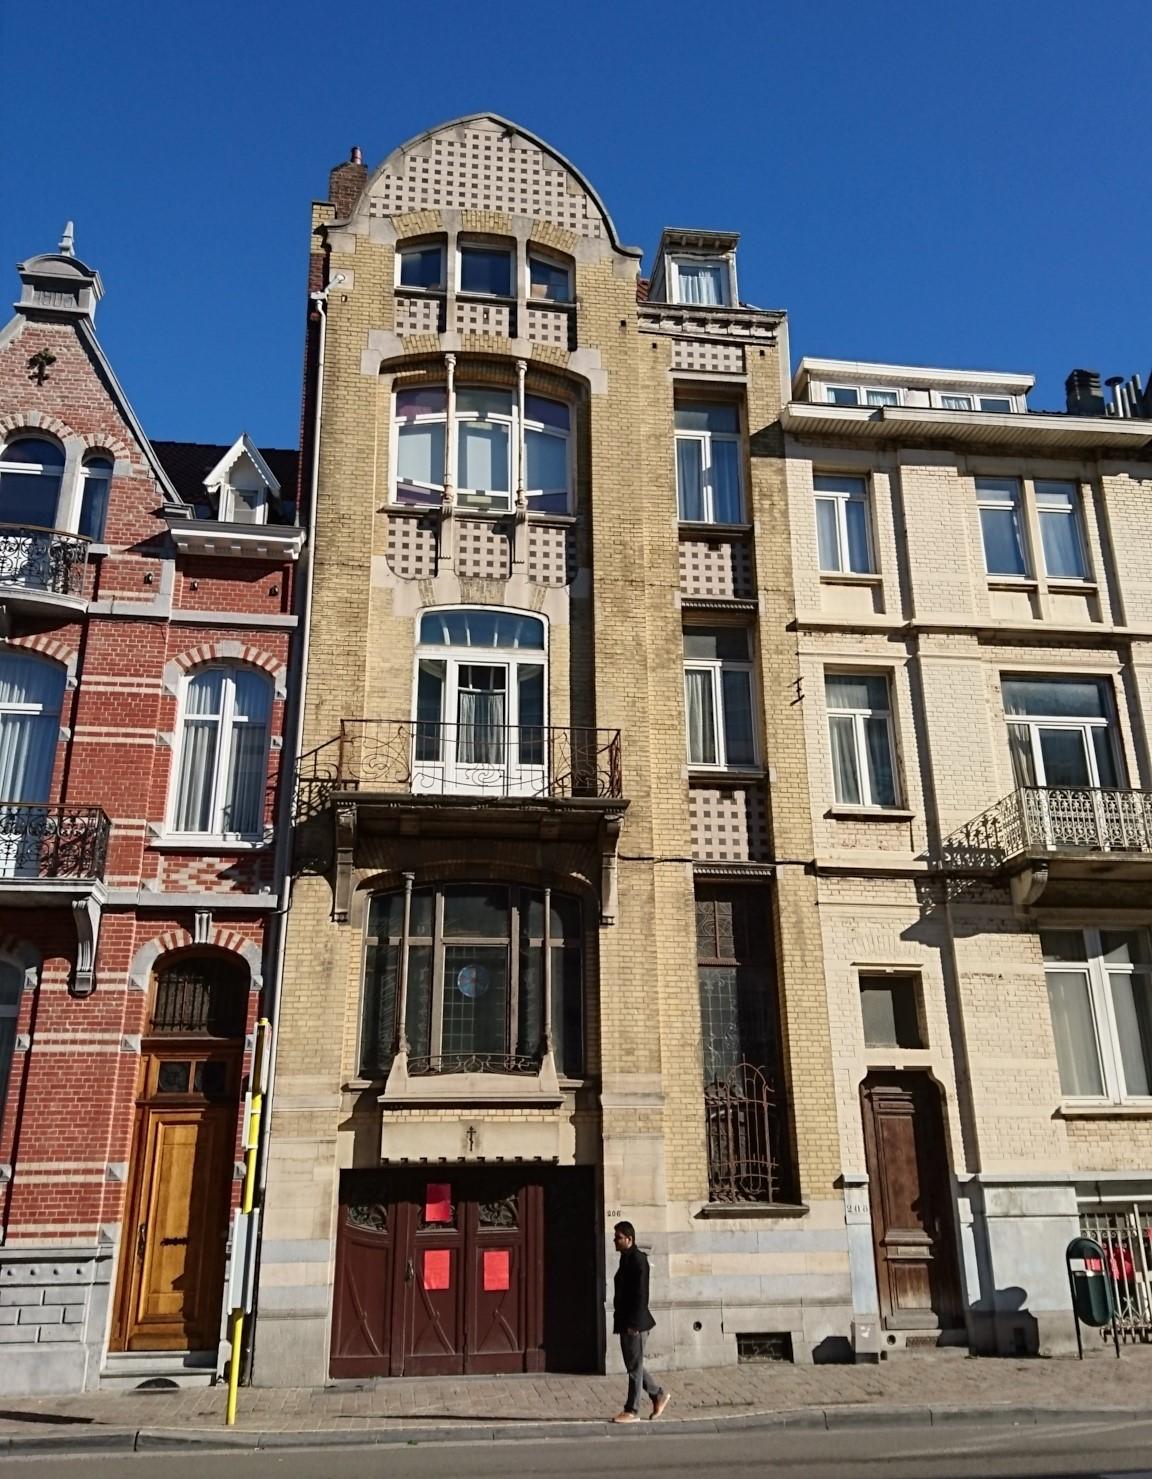 La « Maison Watteyne », avenue de la Couronne 206, n'est pas menacée de démolition et sera bientôt accessible au public